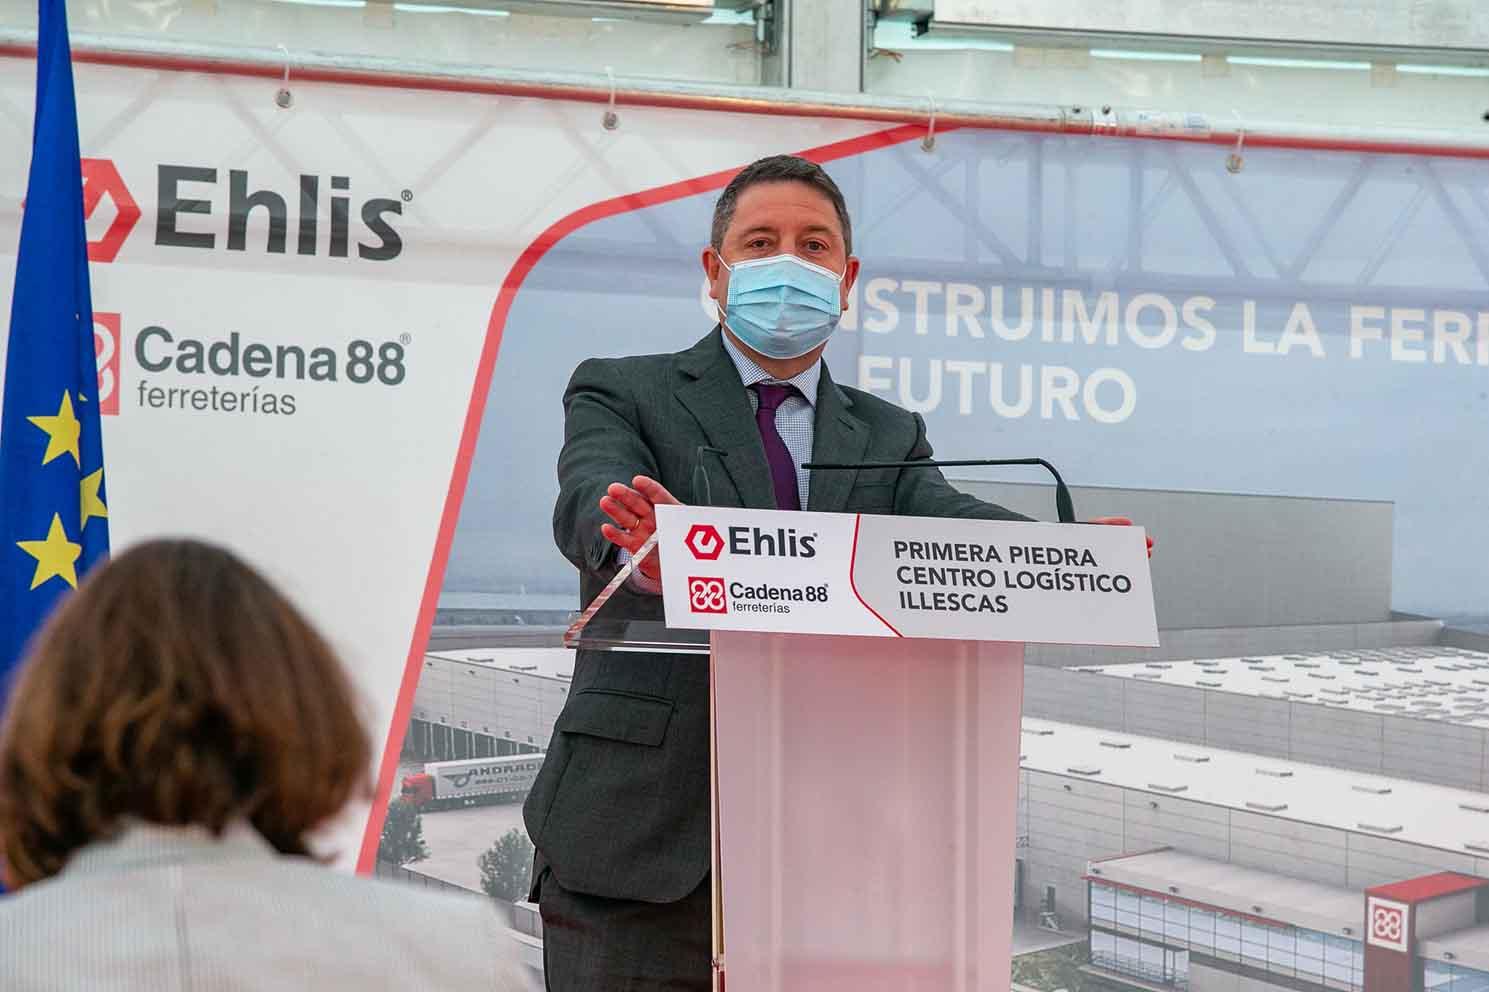 El presidente regional, Emiliano García-Page, durante el acto de colocación de la primera piedra del centro logístico de Ehlis en Illescas.